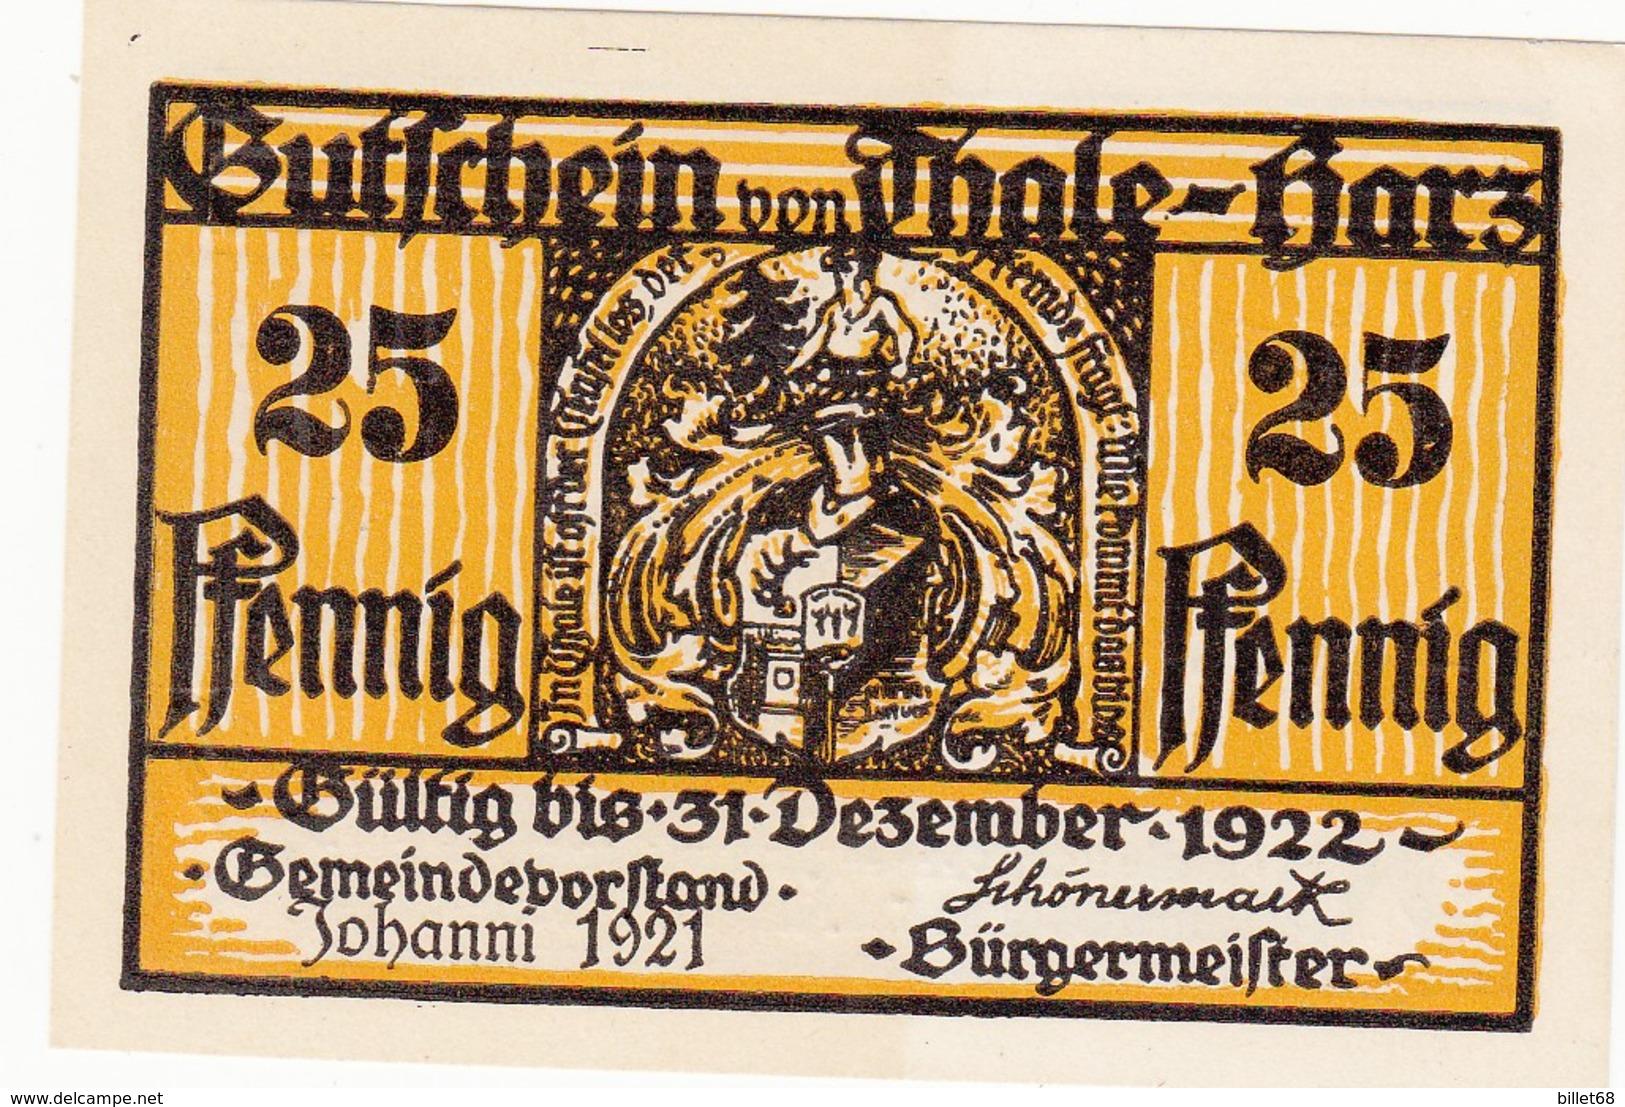 Billet Allemand - 25 Pfennig - Thale Am Harz 1922 - [11] Local Banknote Issues